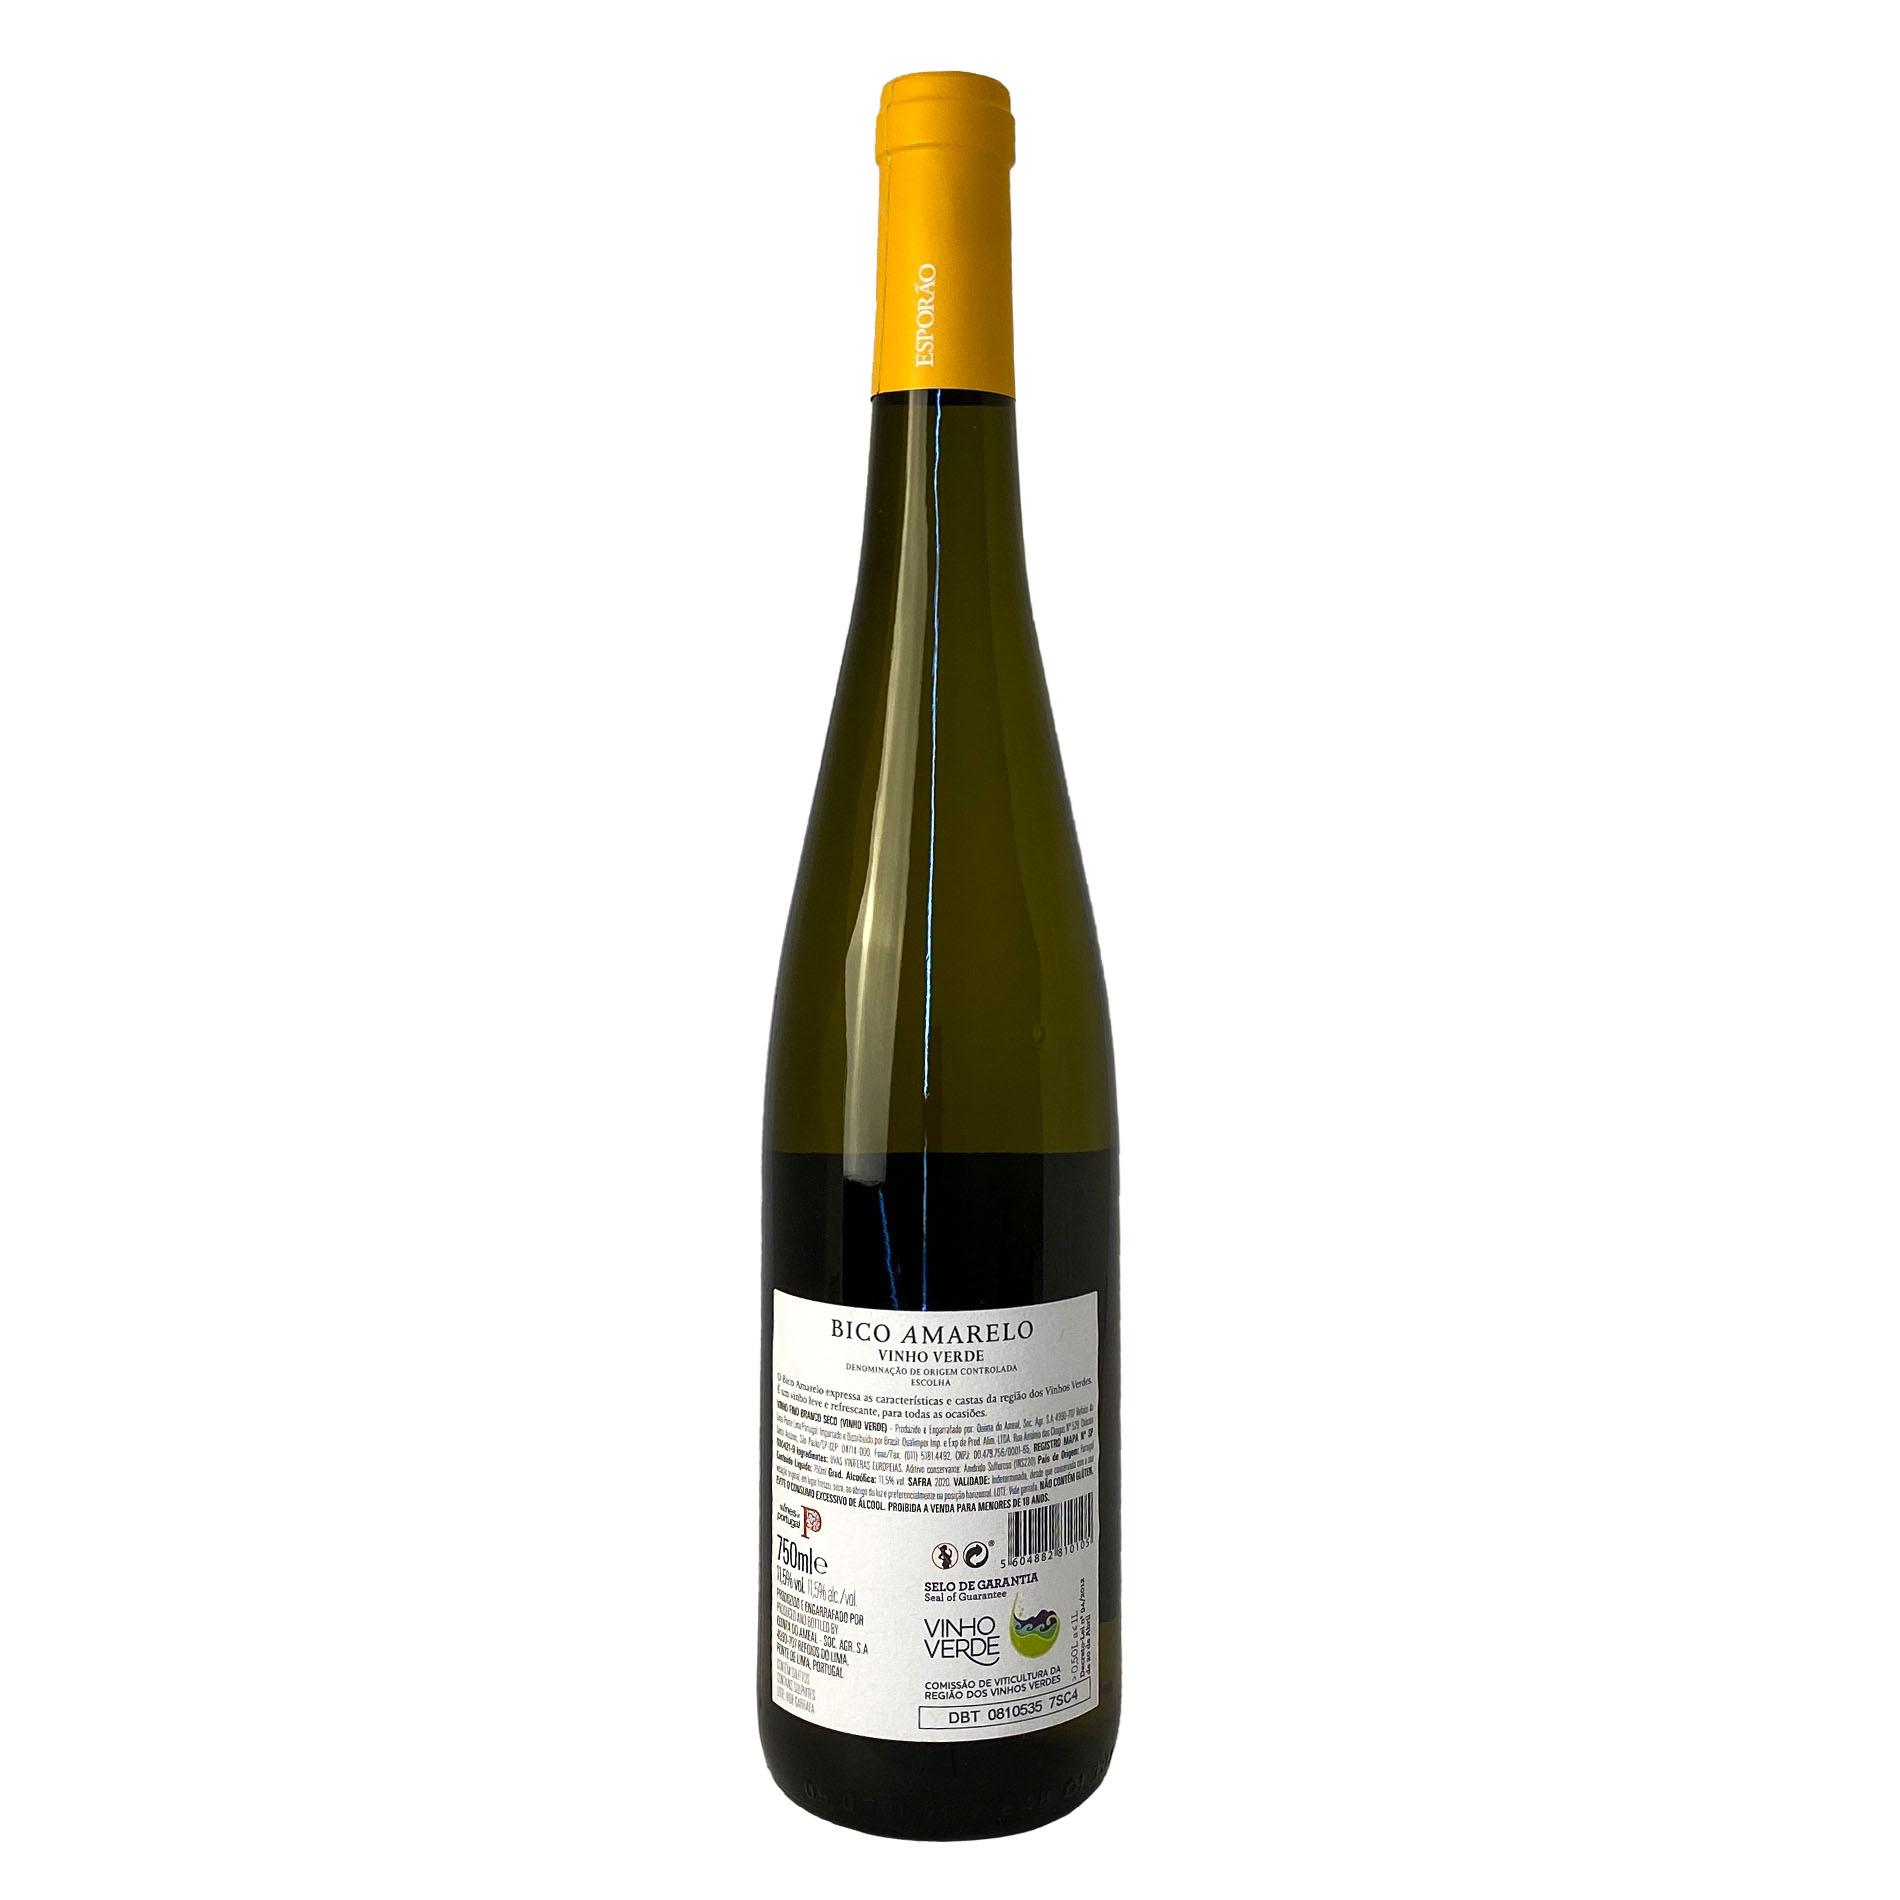 Bico Amarelo Vinho Verde  - Vinerize